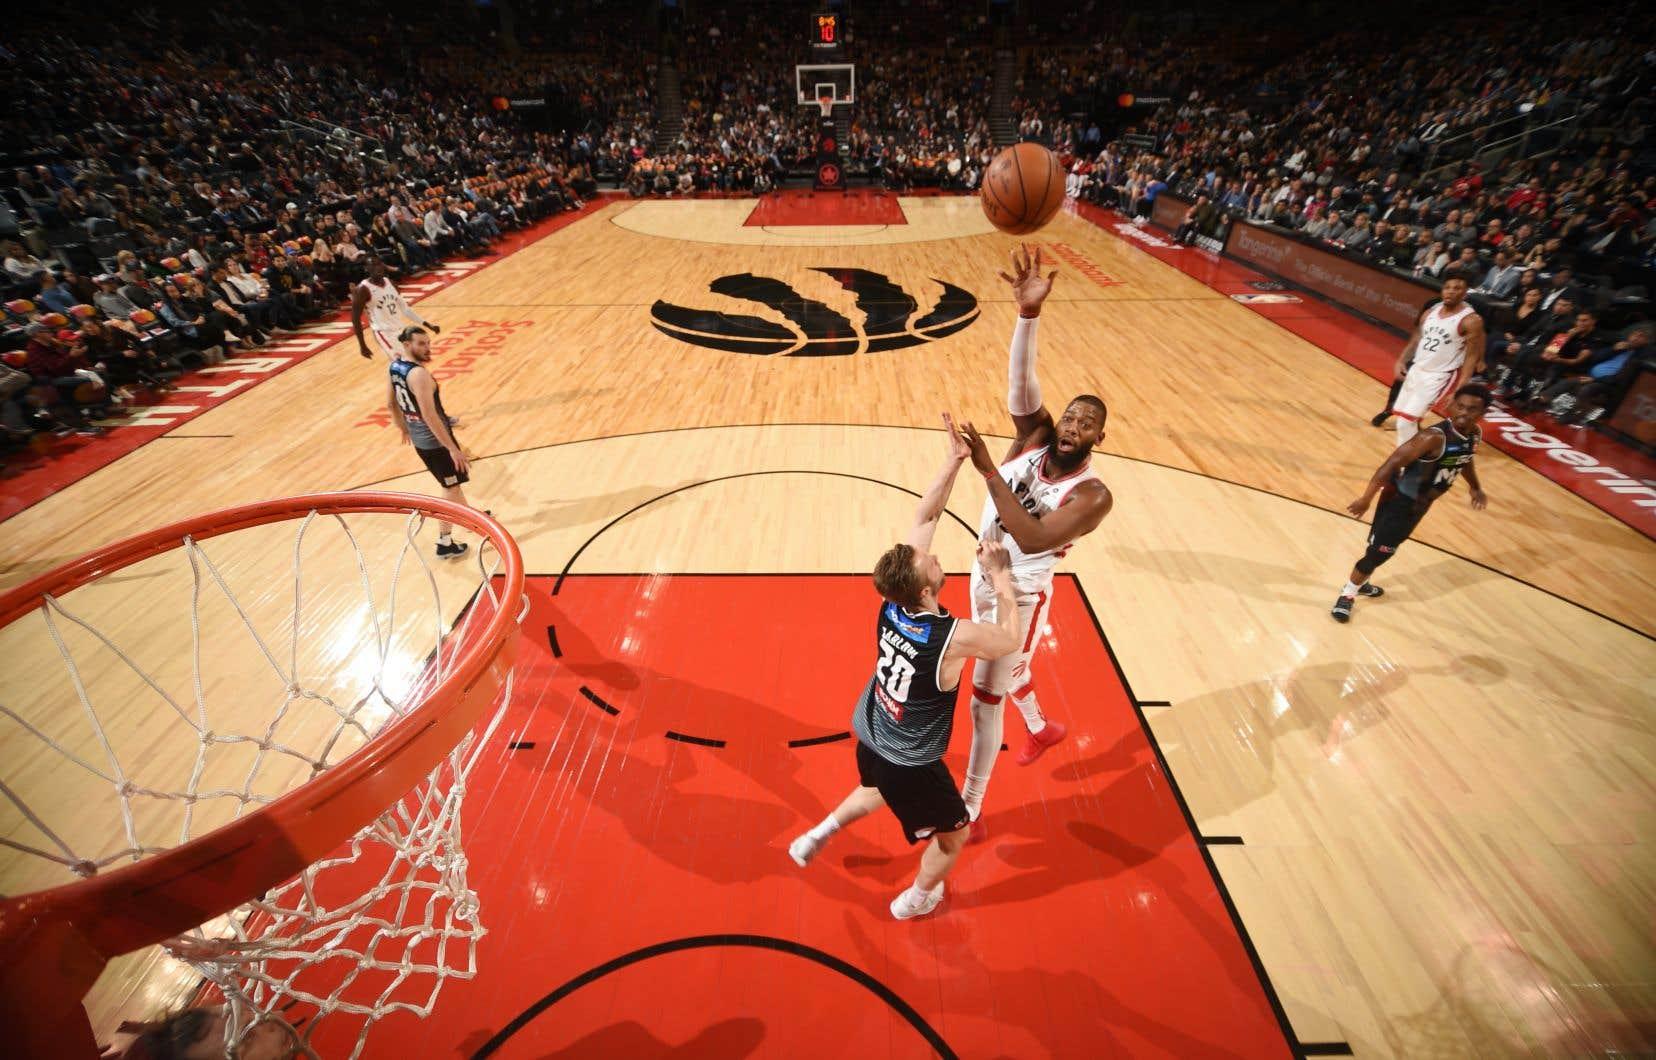 Selon les promoteurs du projet, installer une équipe de la NBA dans la métropole représenterait un investissement entièrement privé variant entre 1,5 et 2 milliards de dollars américains.